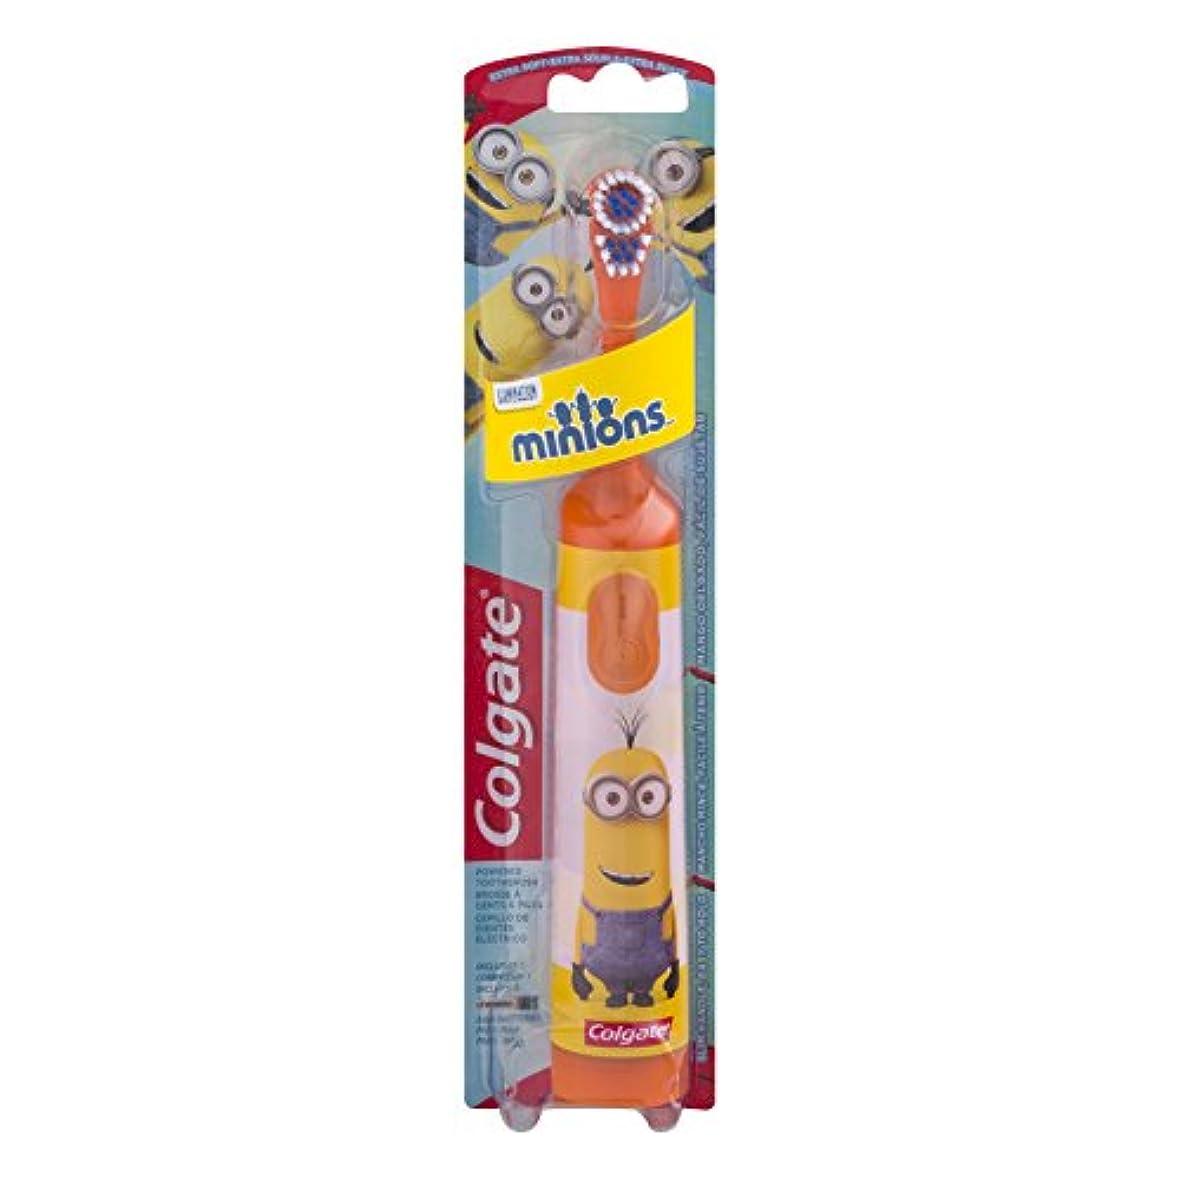 冷笑するウィスキー切り離すColgate キッズ手下バッテリ駆動歯ブラシ - 1CT - 色やデザインは変更になる場合があります